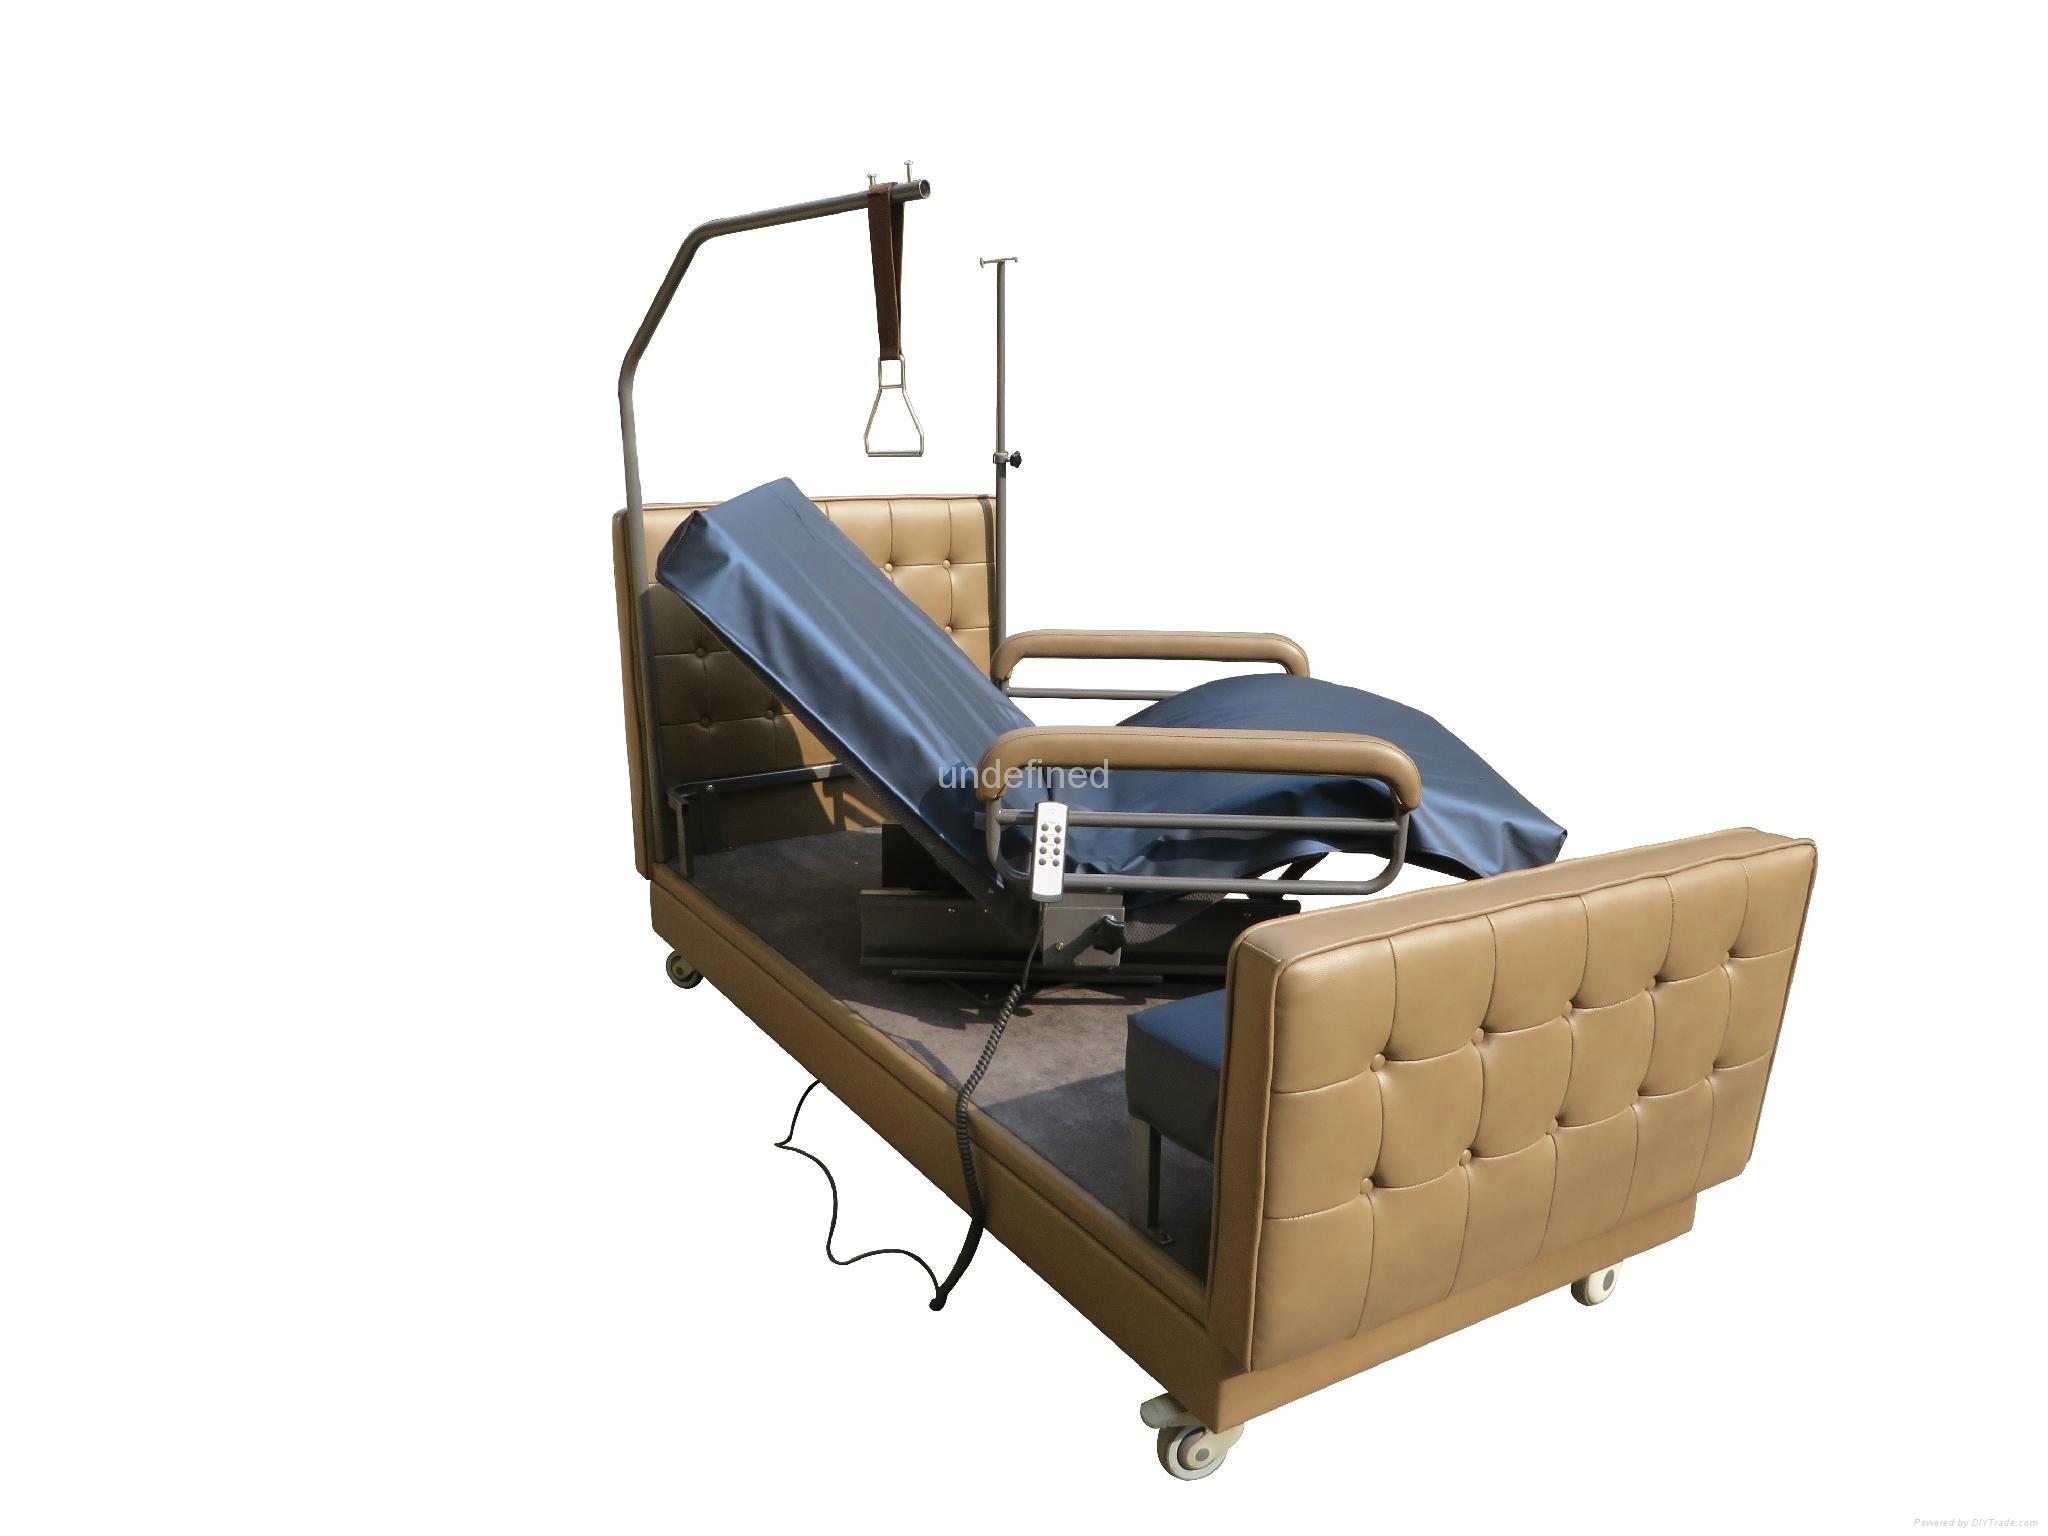 Home use hilo rotation latex mattress adjustable bed jj - Bedroom sets for adjustable beds ...